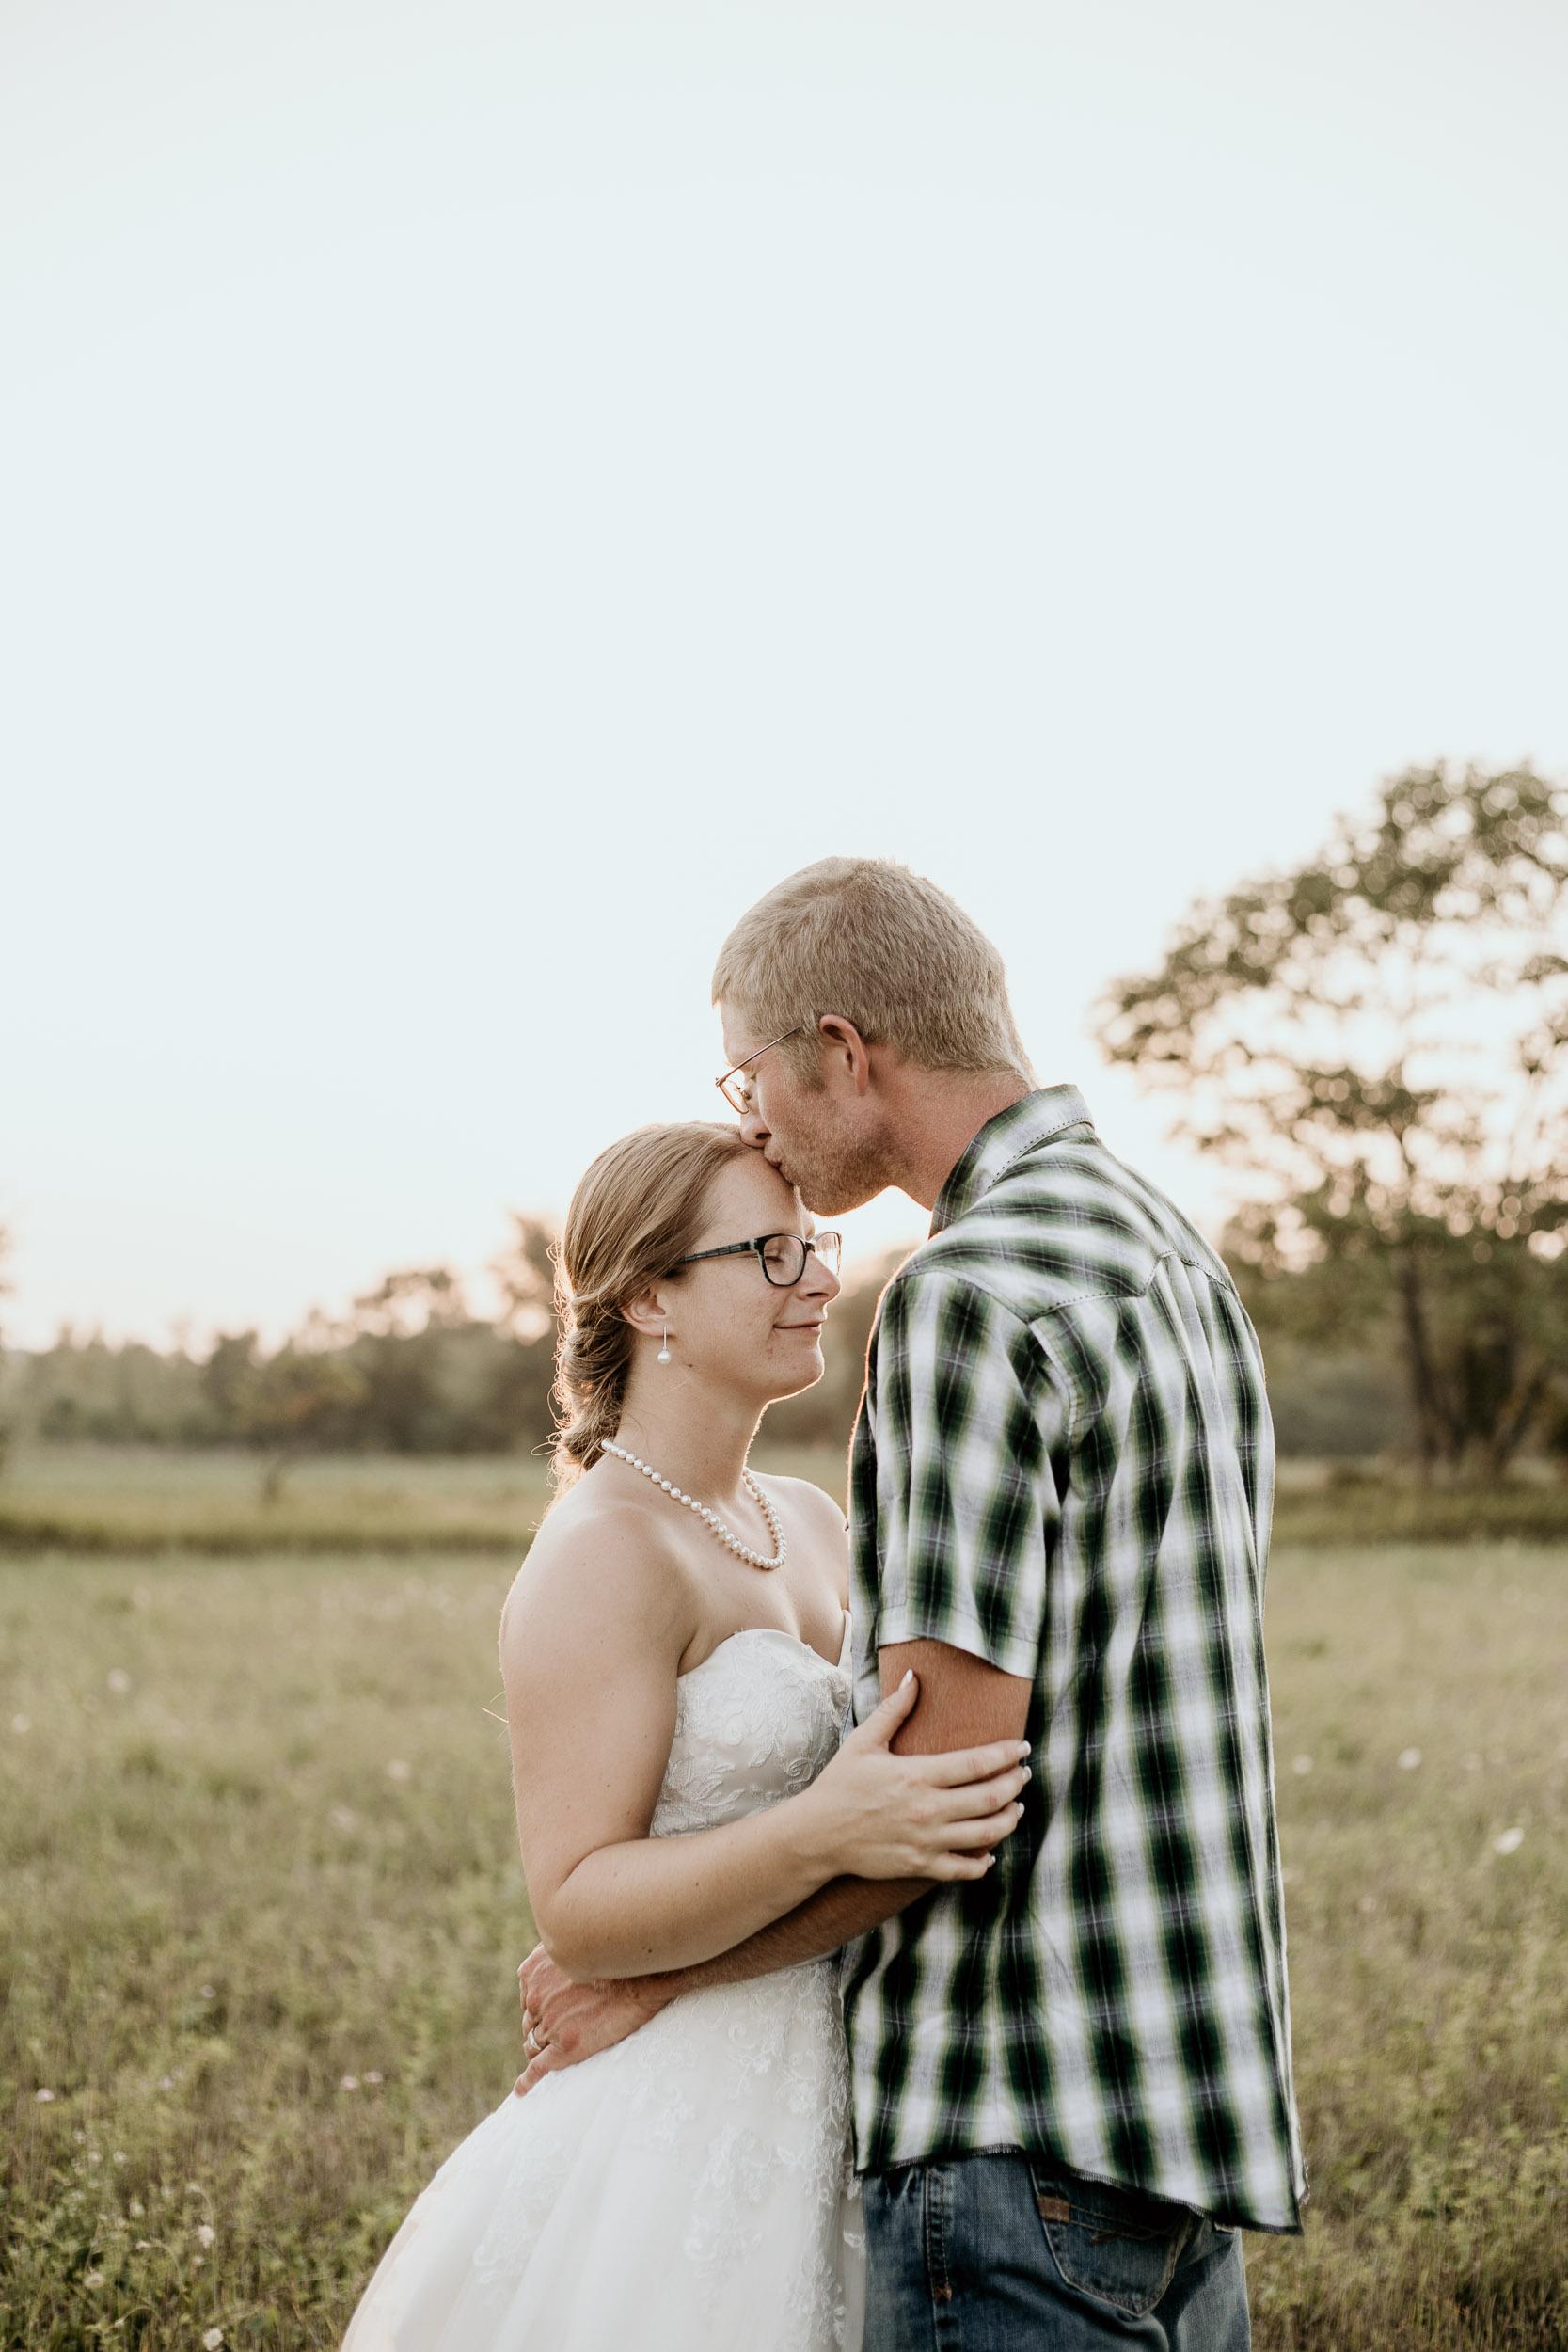 intimate-wedding-elopement-photographer-ottawa-joshua-tree-2988.jpg